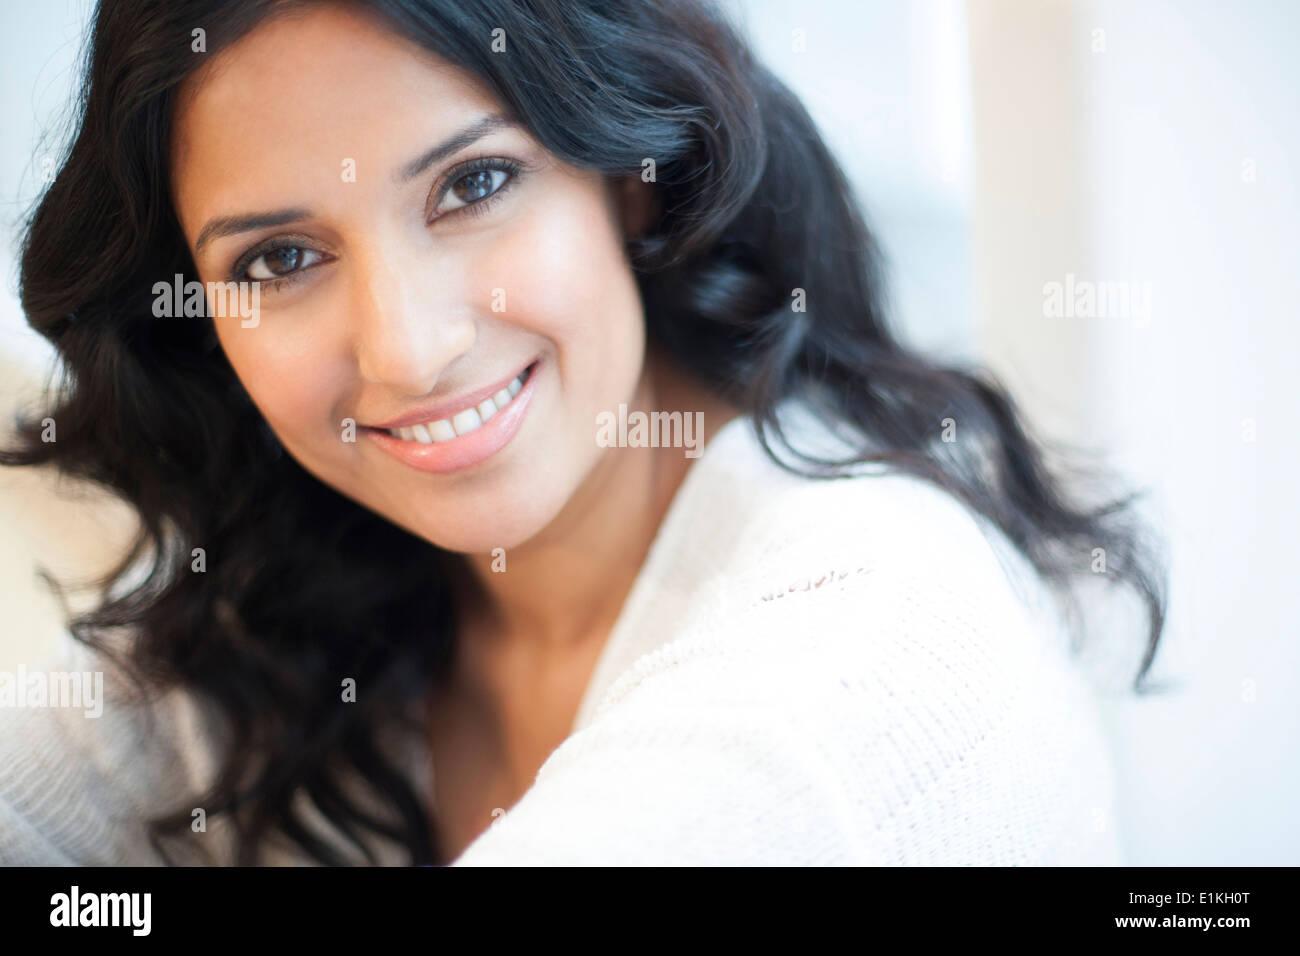 Modello rilasciato il ritratto di una donna sorridente. Immagini Stock